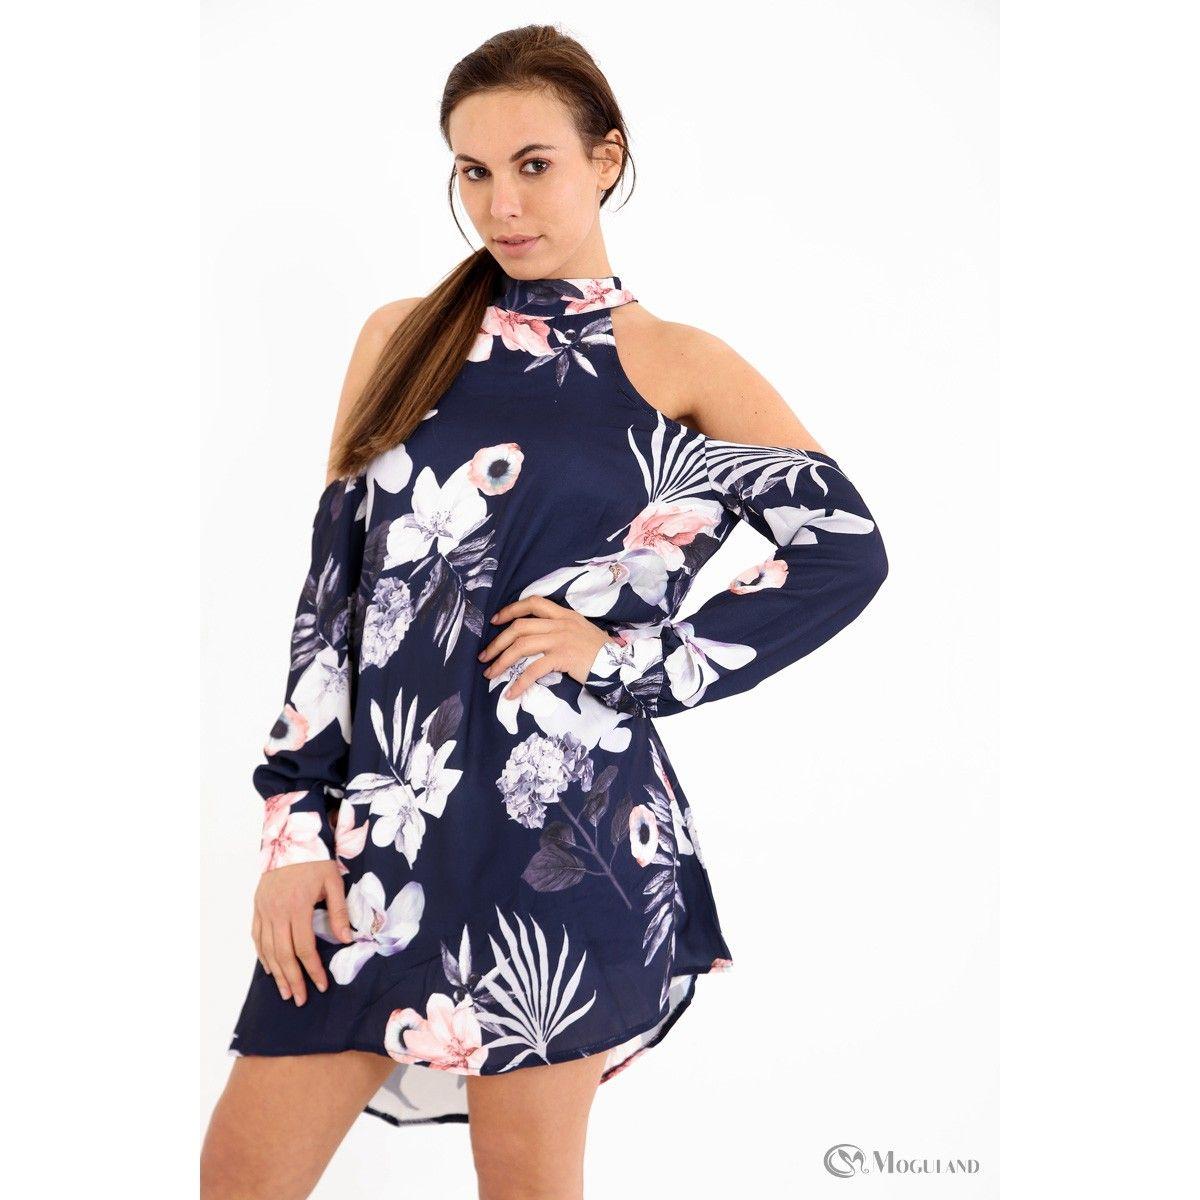 fcc527b88cc Ladies blue floral high neck cold shoulder dress wholesale - new in  dresses  - Women s Wholesale Clothing Supplier